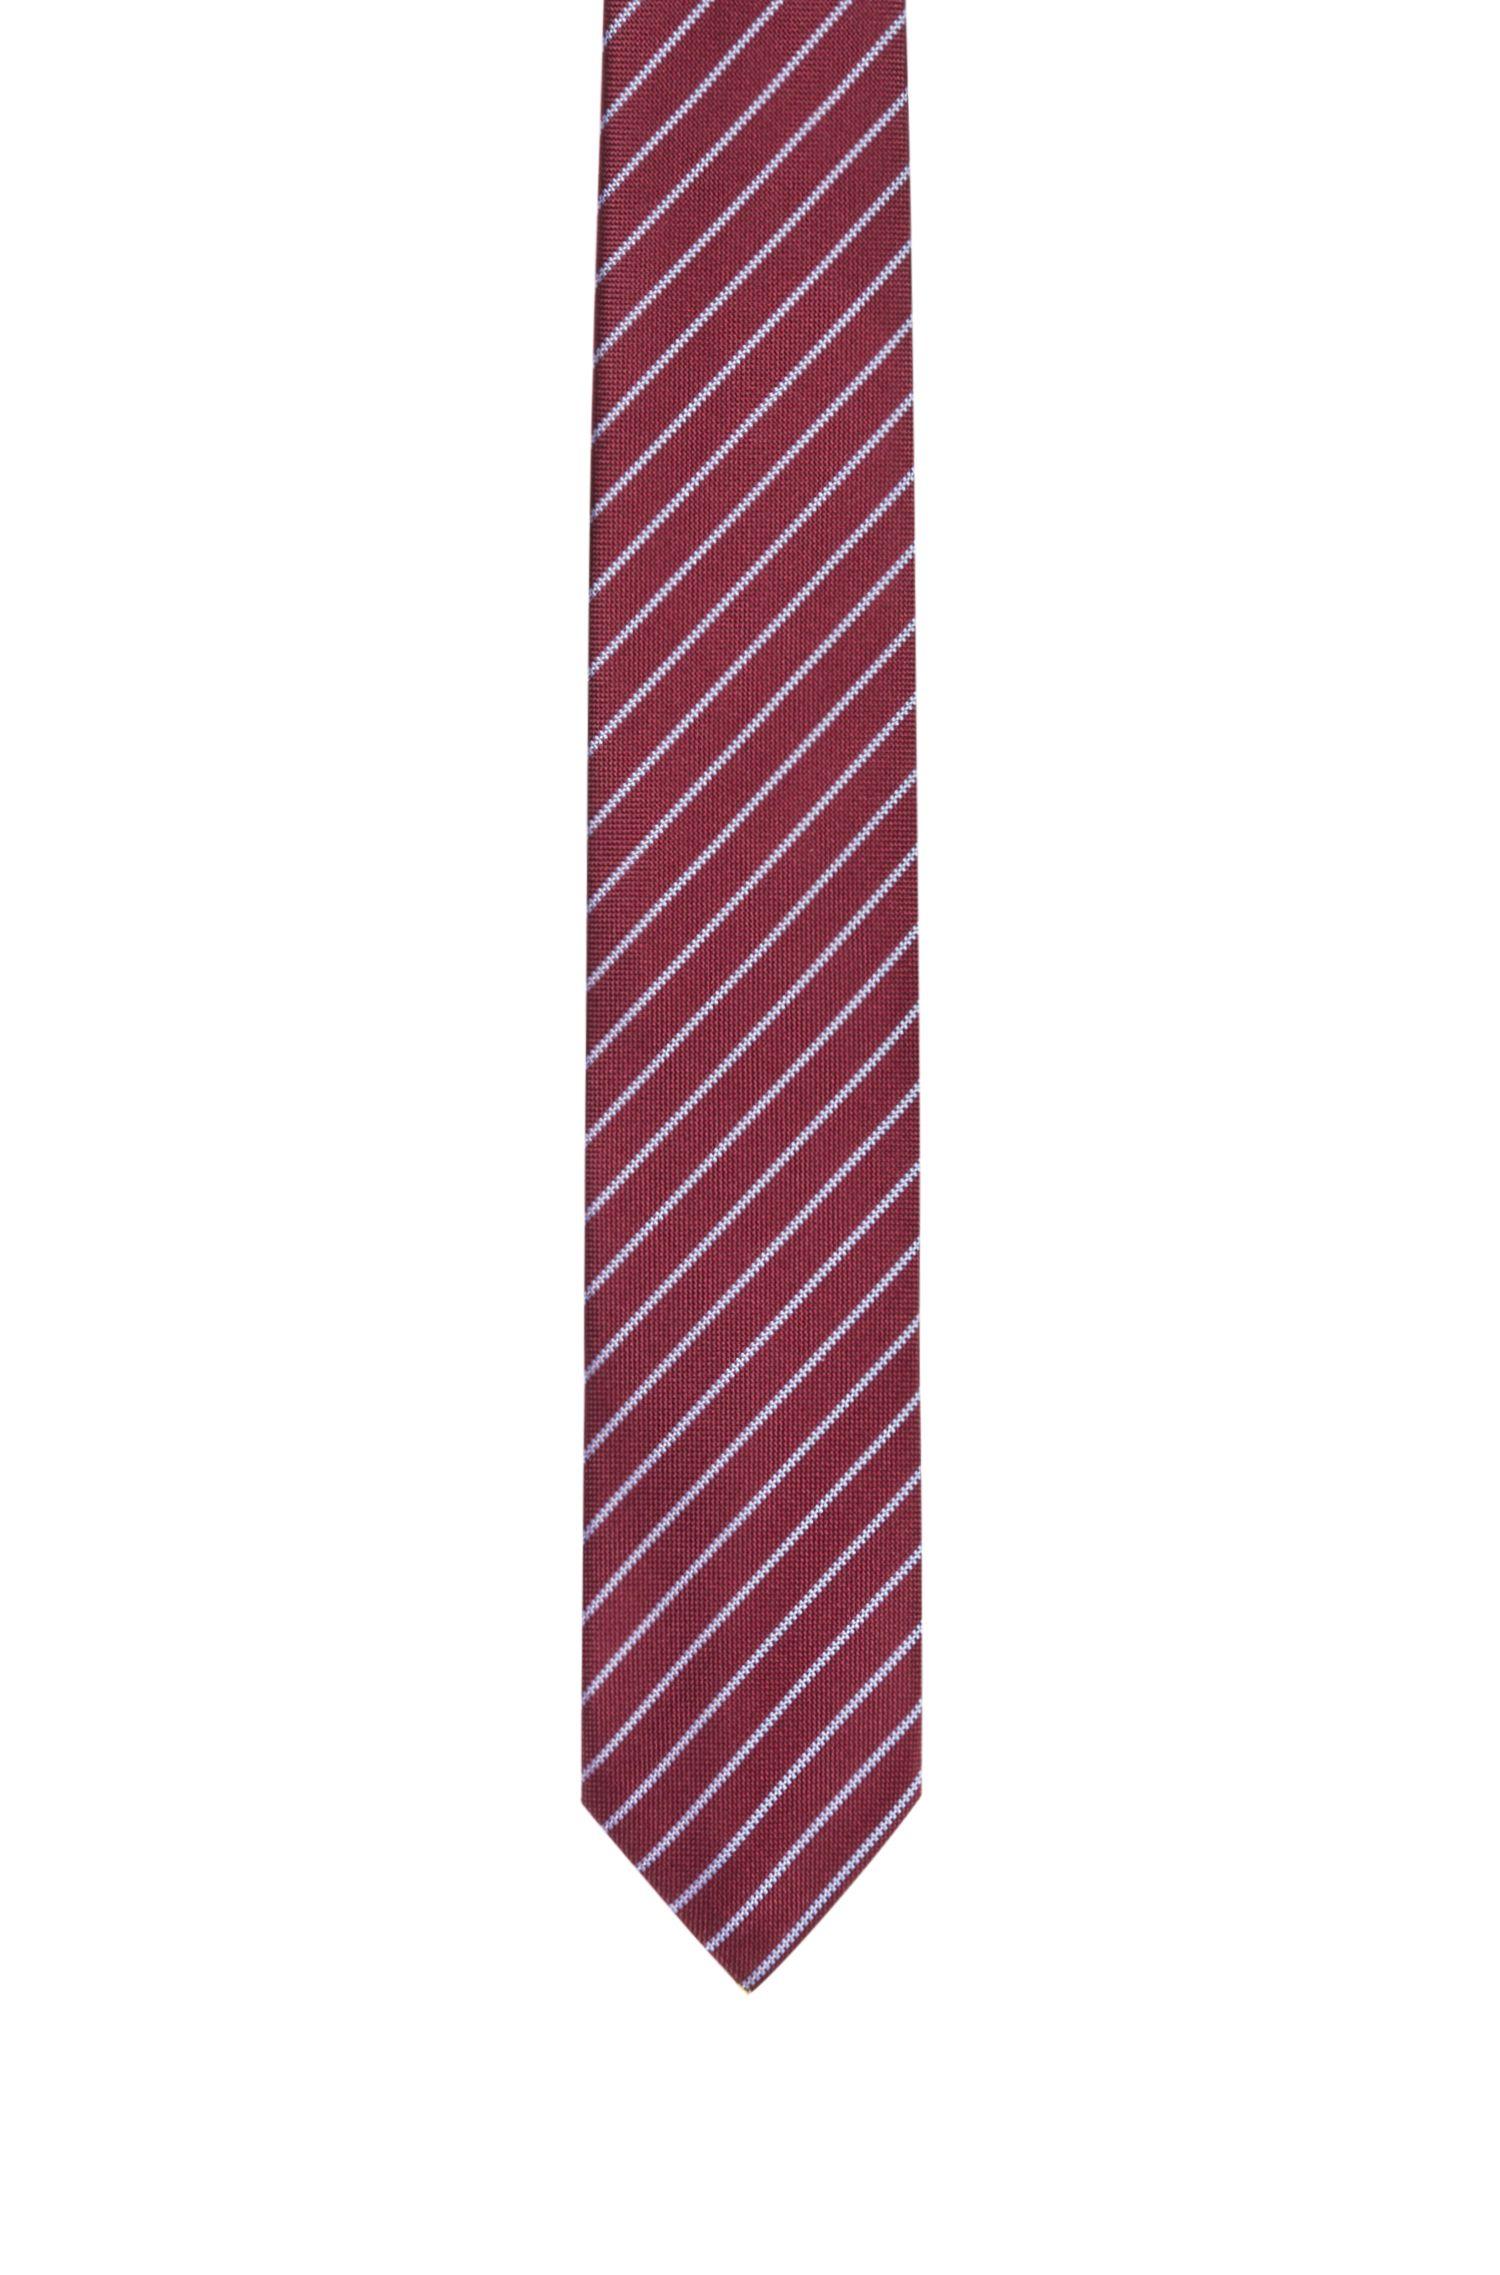 Corbata de seda con diseño de rayas en diagonal